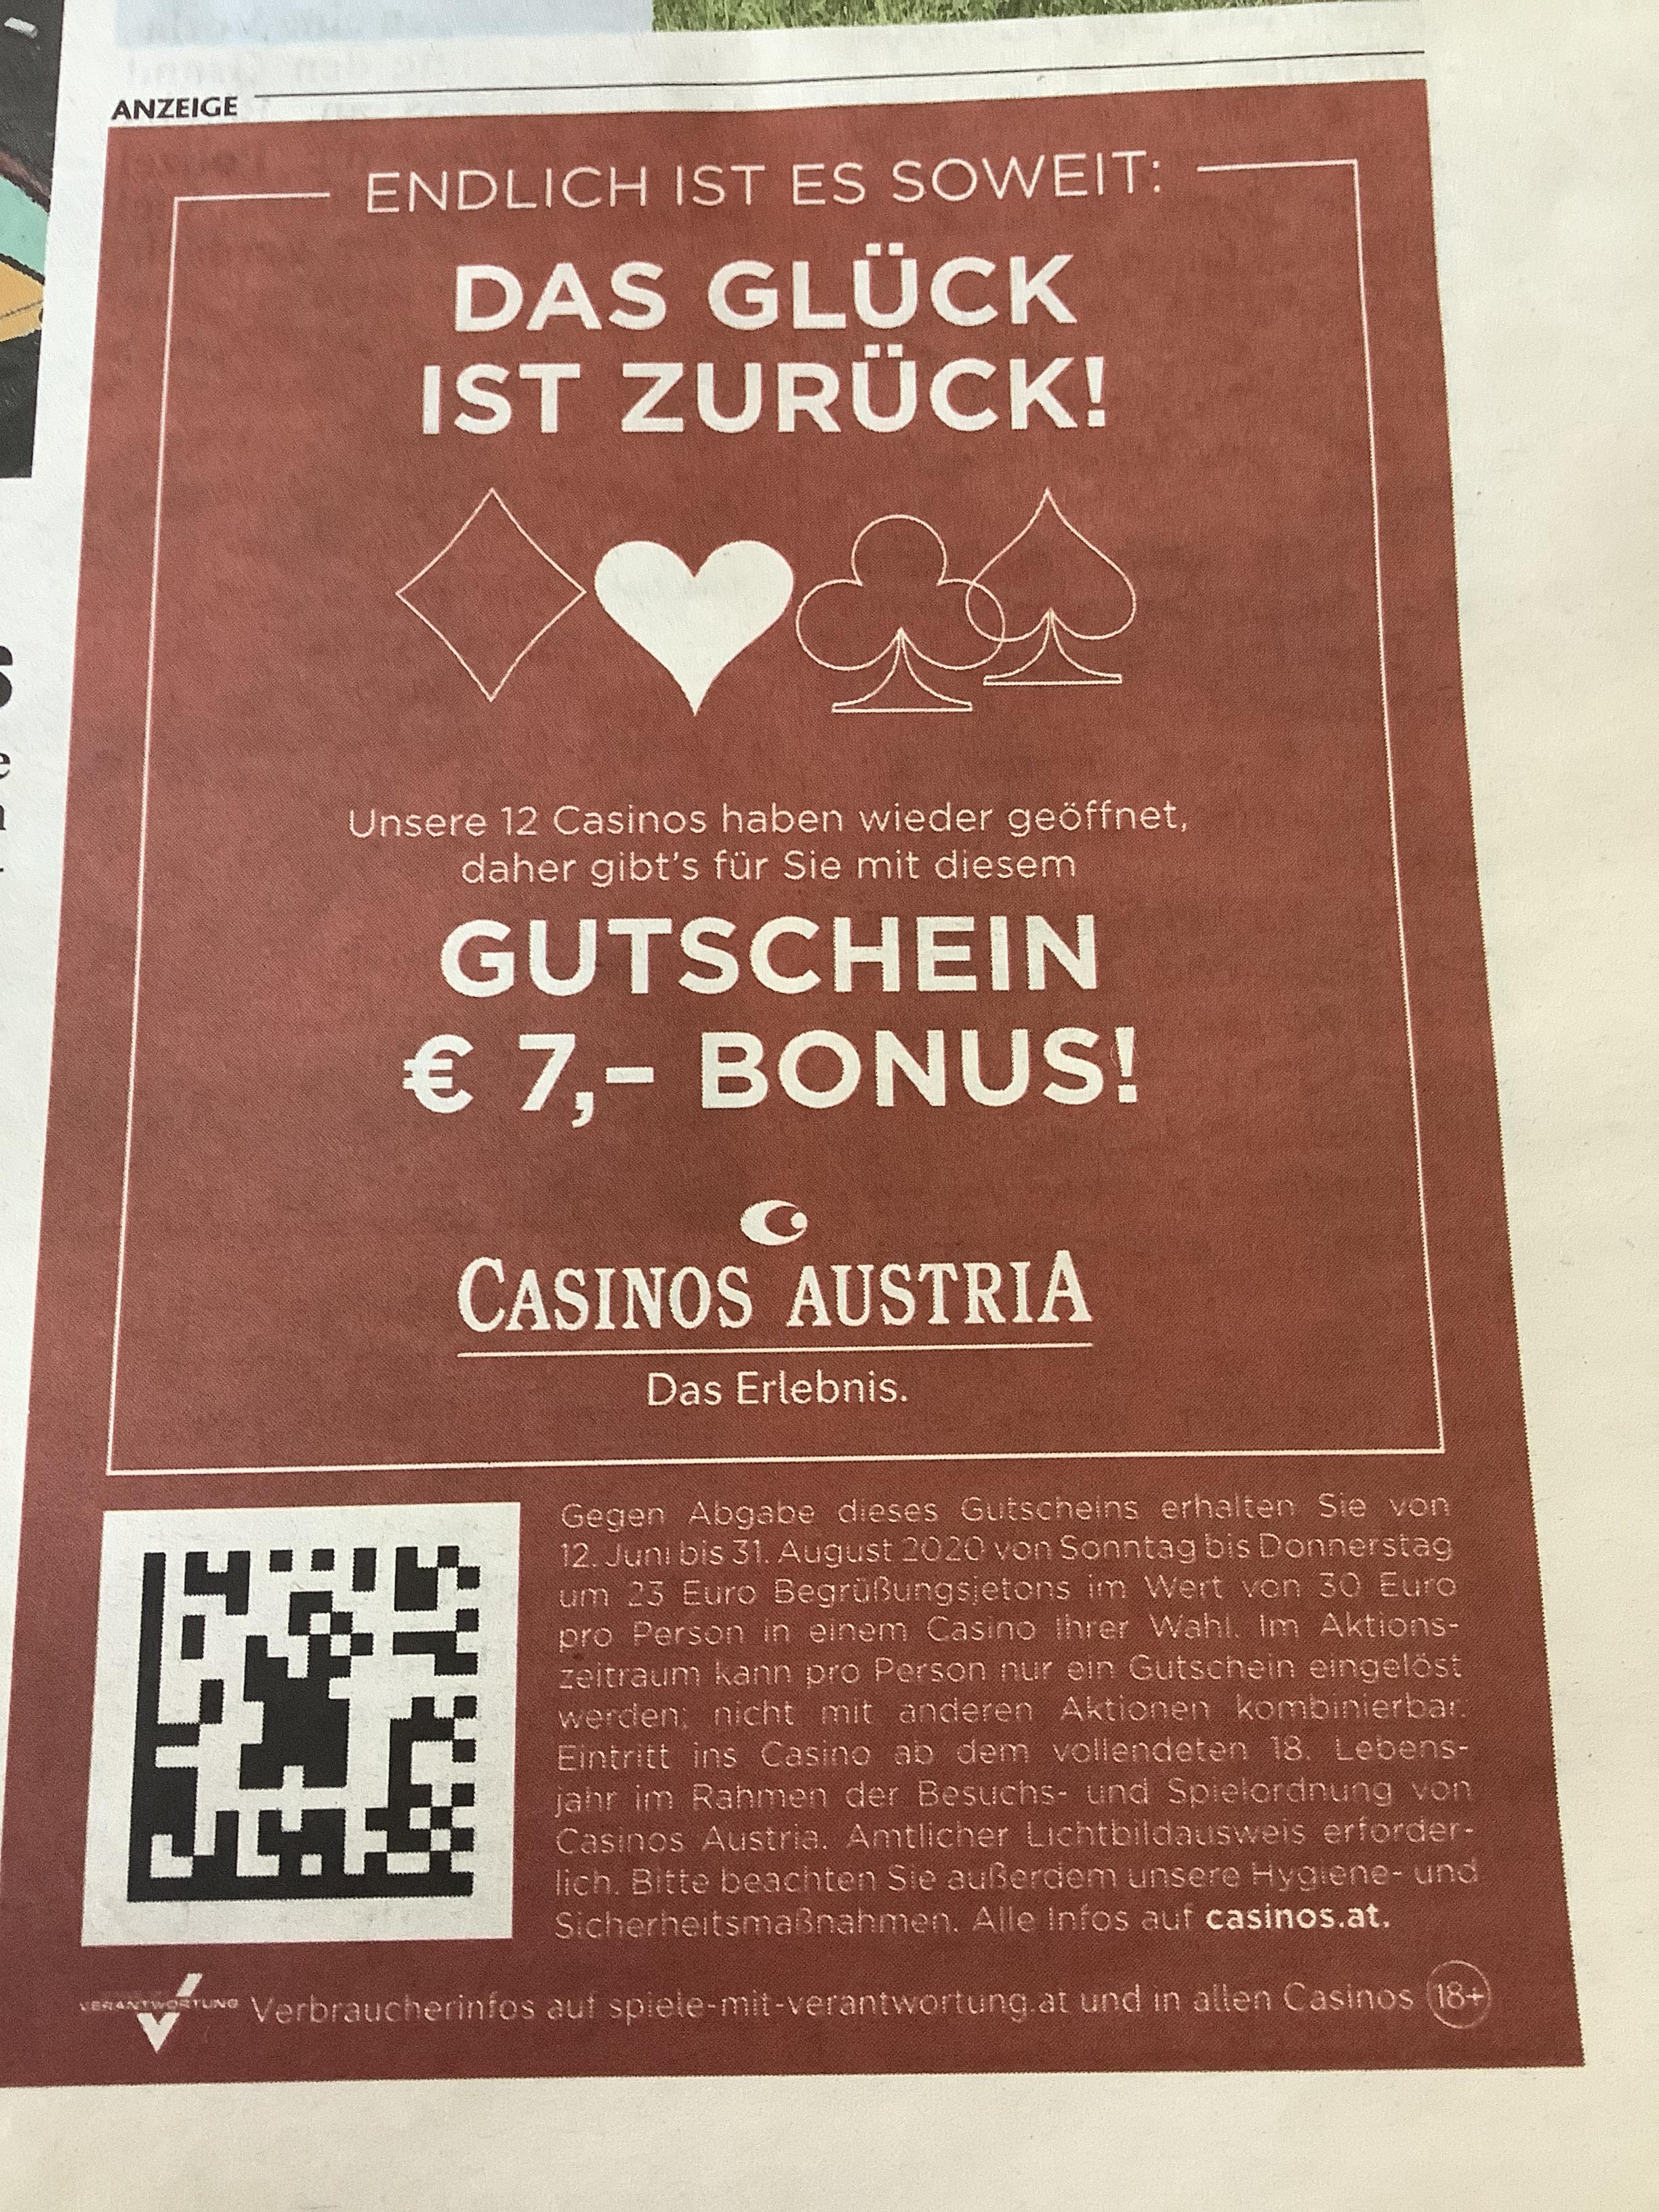 Casino Austria Gutschein € 7 in der heutigen Kronen Zeitung